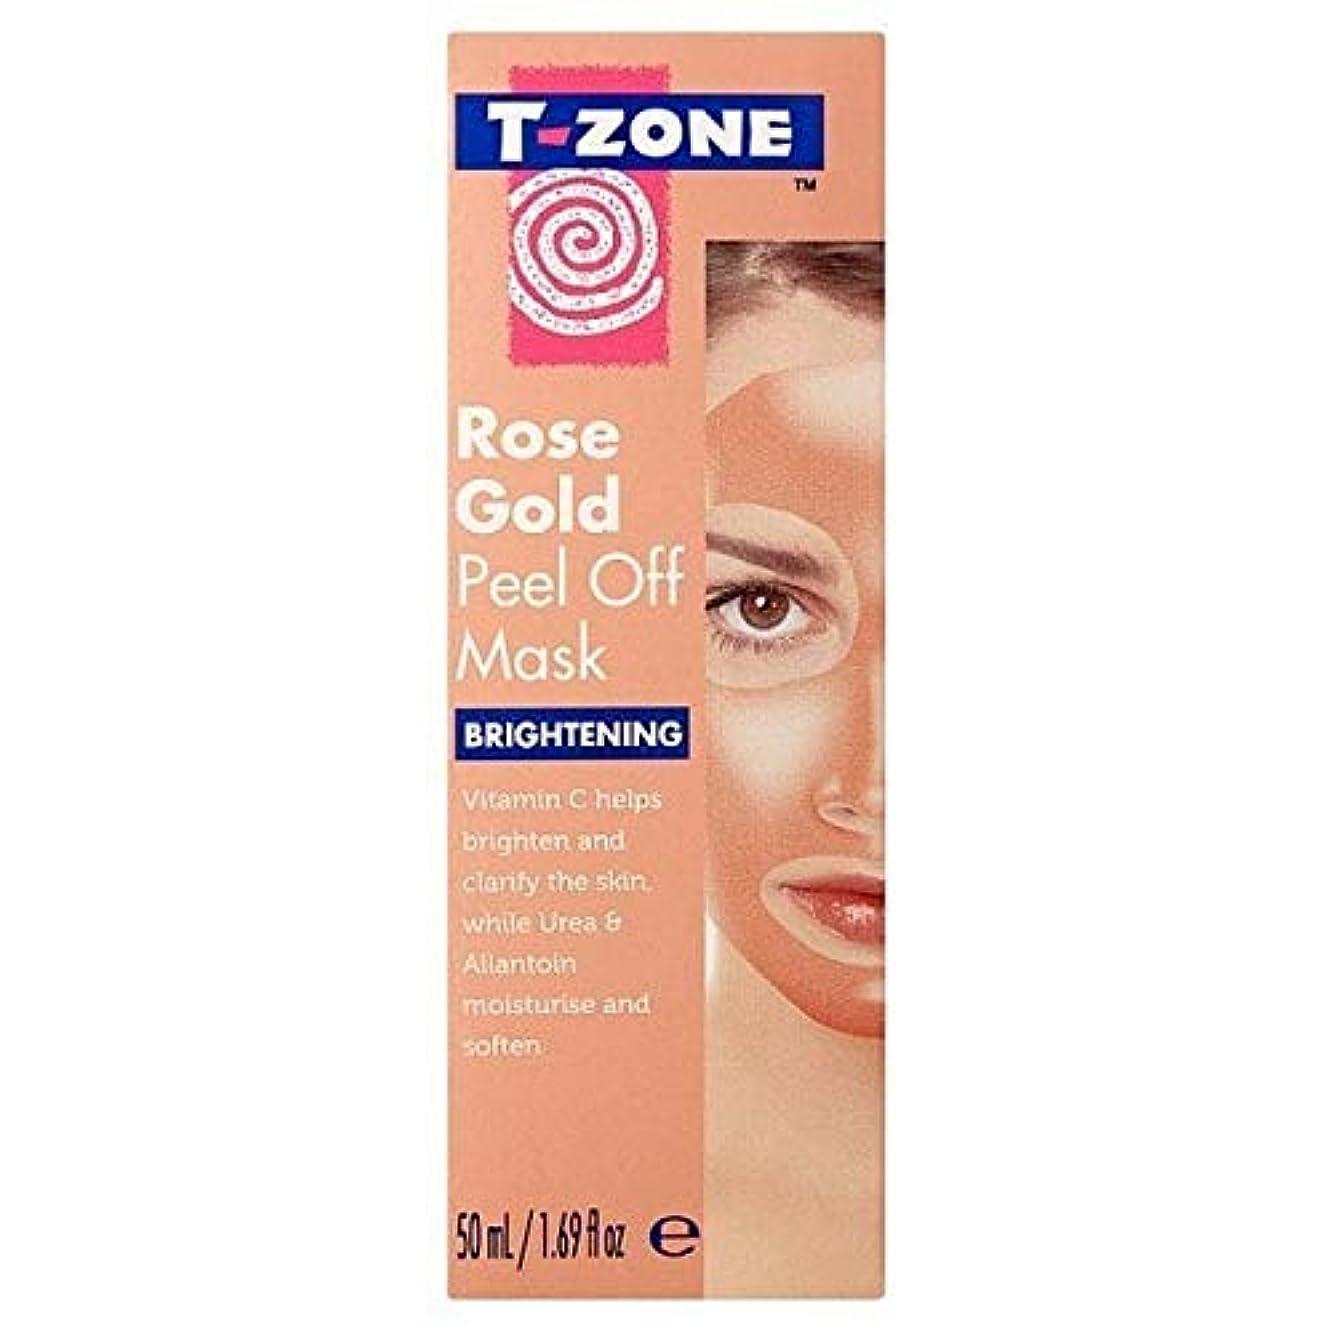 脳やりがいのある盟主[T-Zone] Tゾーンは、金マスク50ミリリットルを明るくはがしバラ - T-Zone Rose Gold Peel Off Brightening Mask 50ml [並行輸入品]